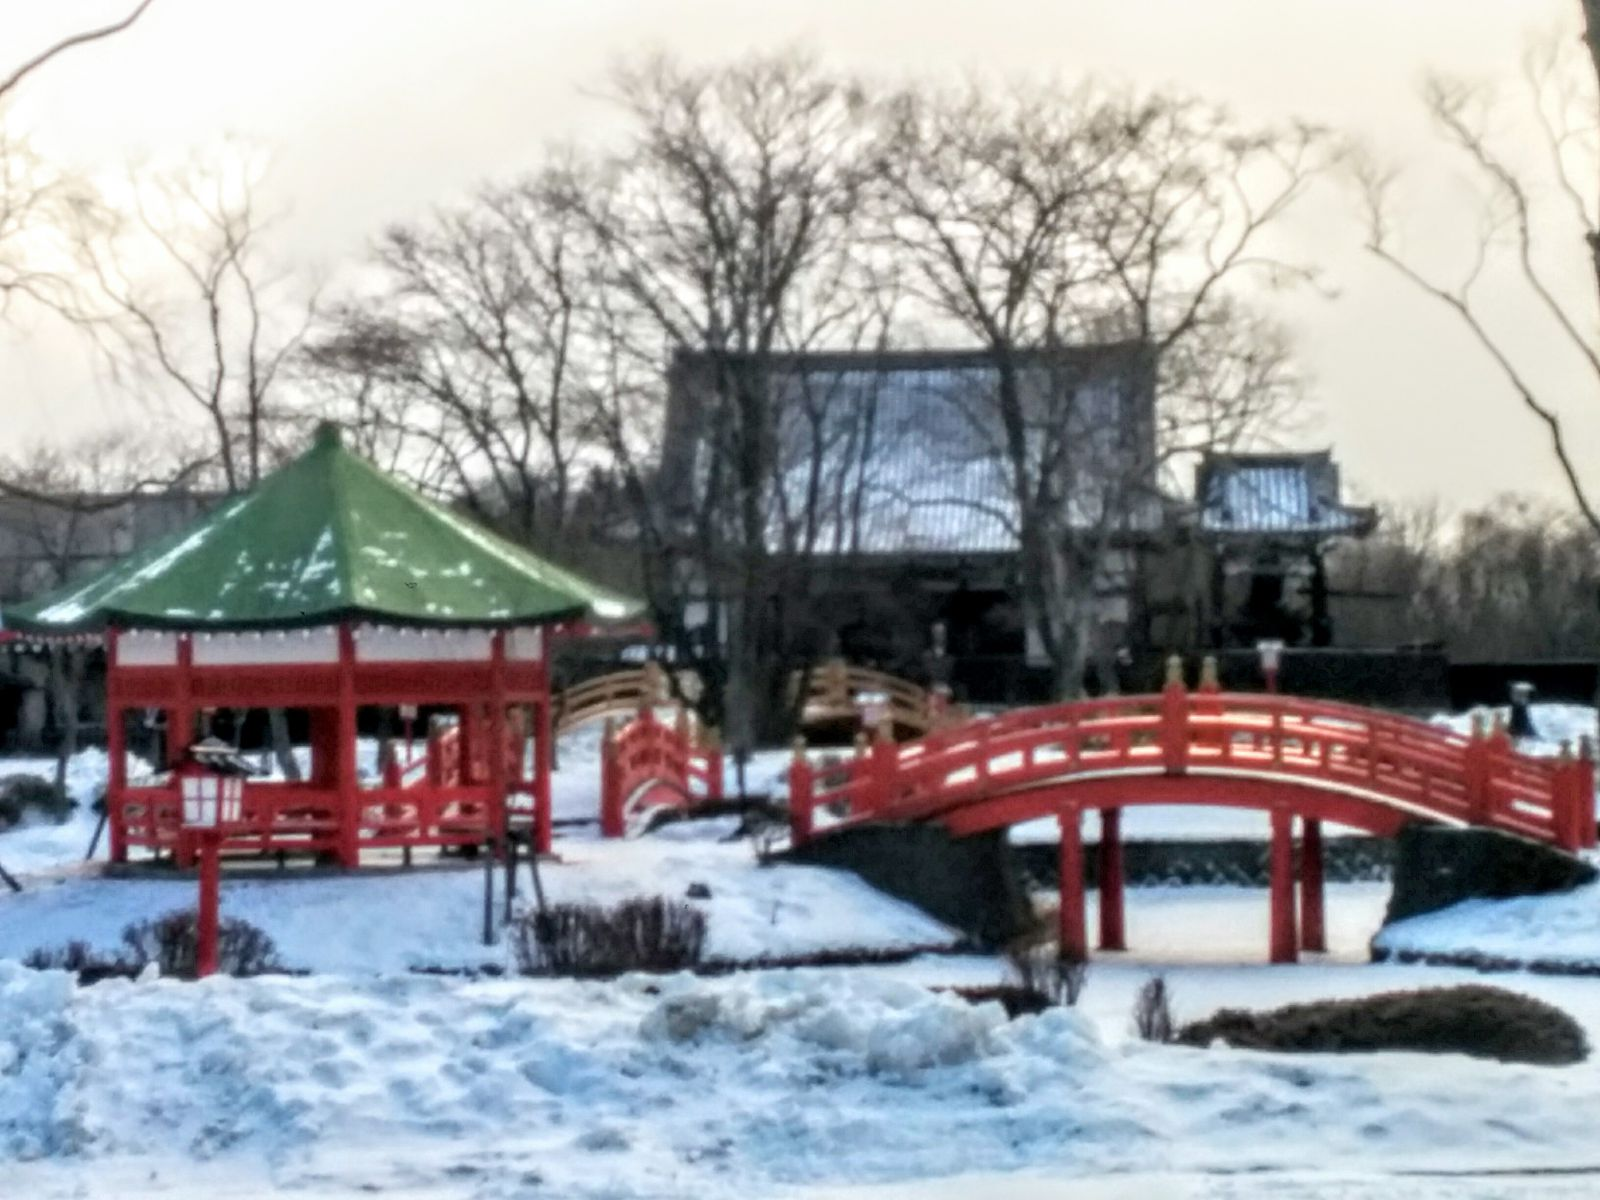 【登別温泉】登別温泉・伊達時代村観光案内です。